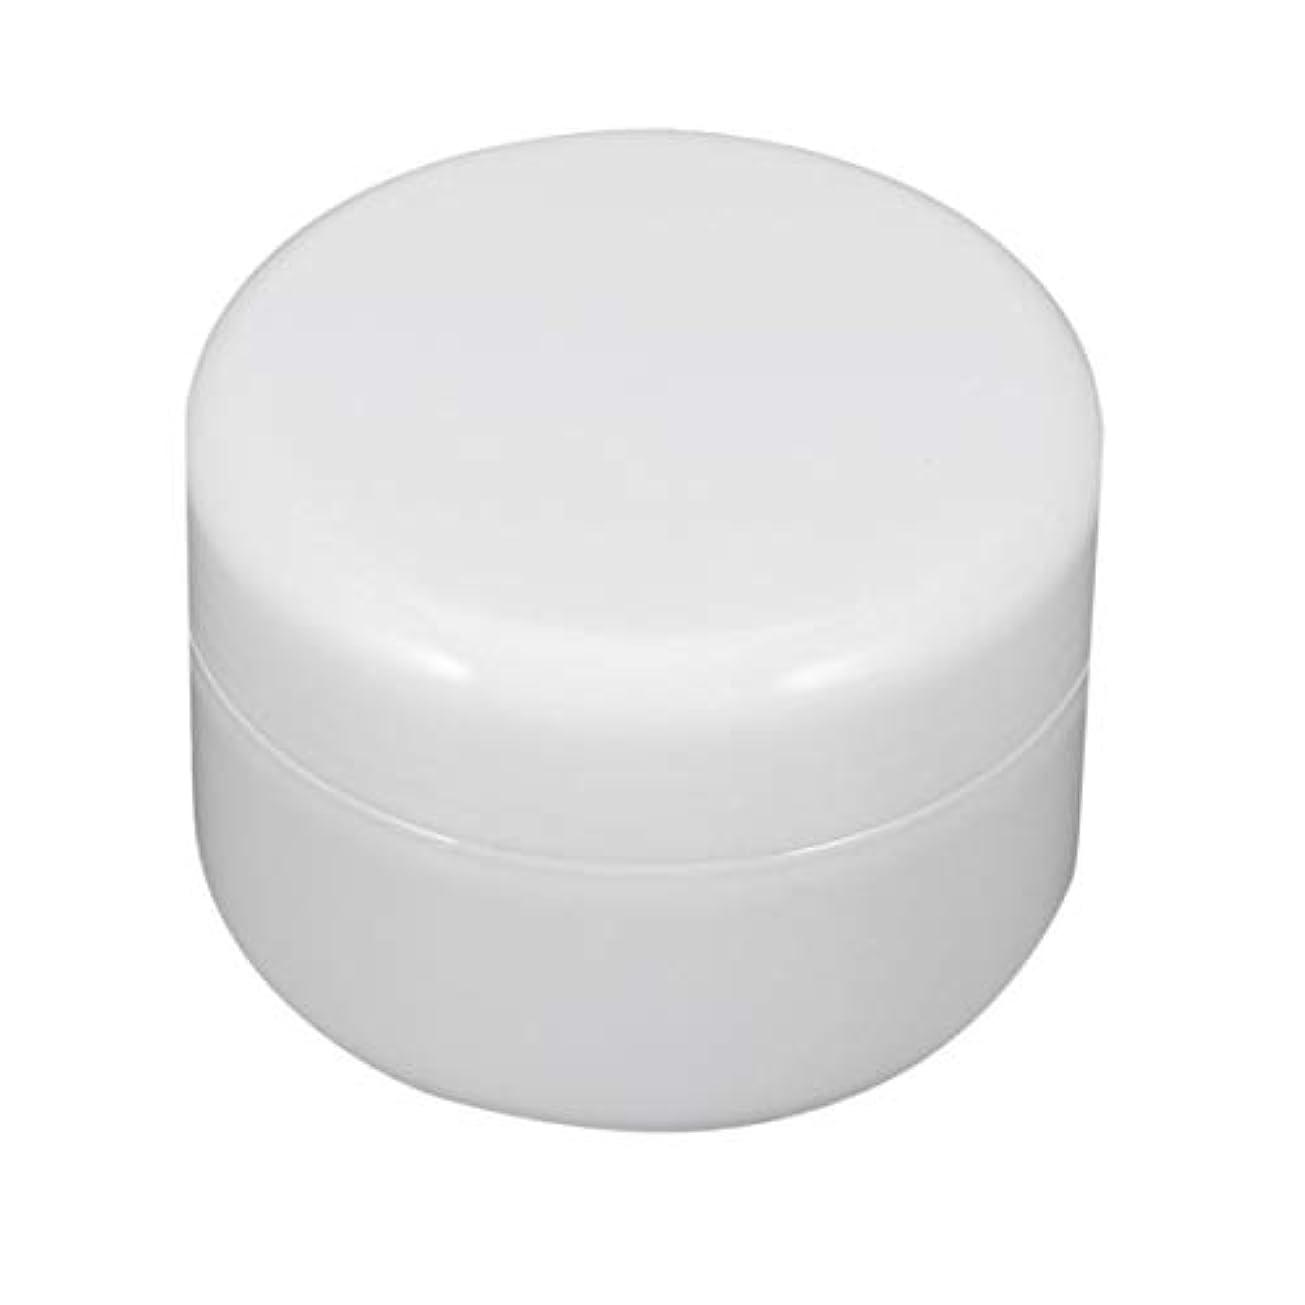 なぜ慎重冷ややかなねじ帽子と瓶詰めのIntercorey円形PPプラスチック化粧品の容器のクリーム色の瓶